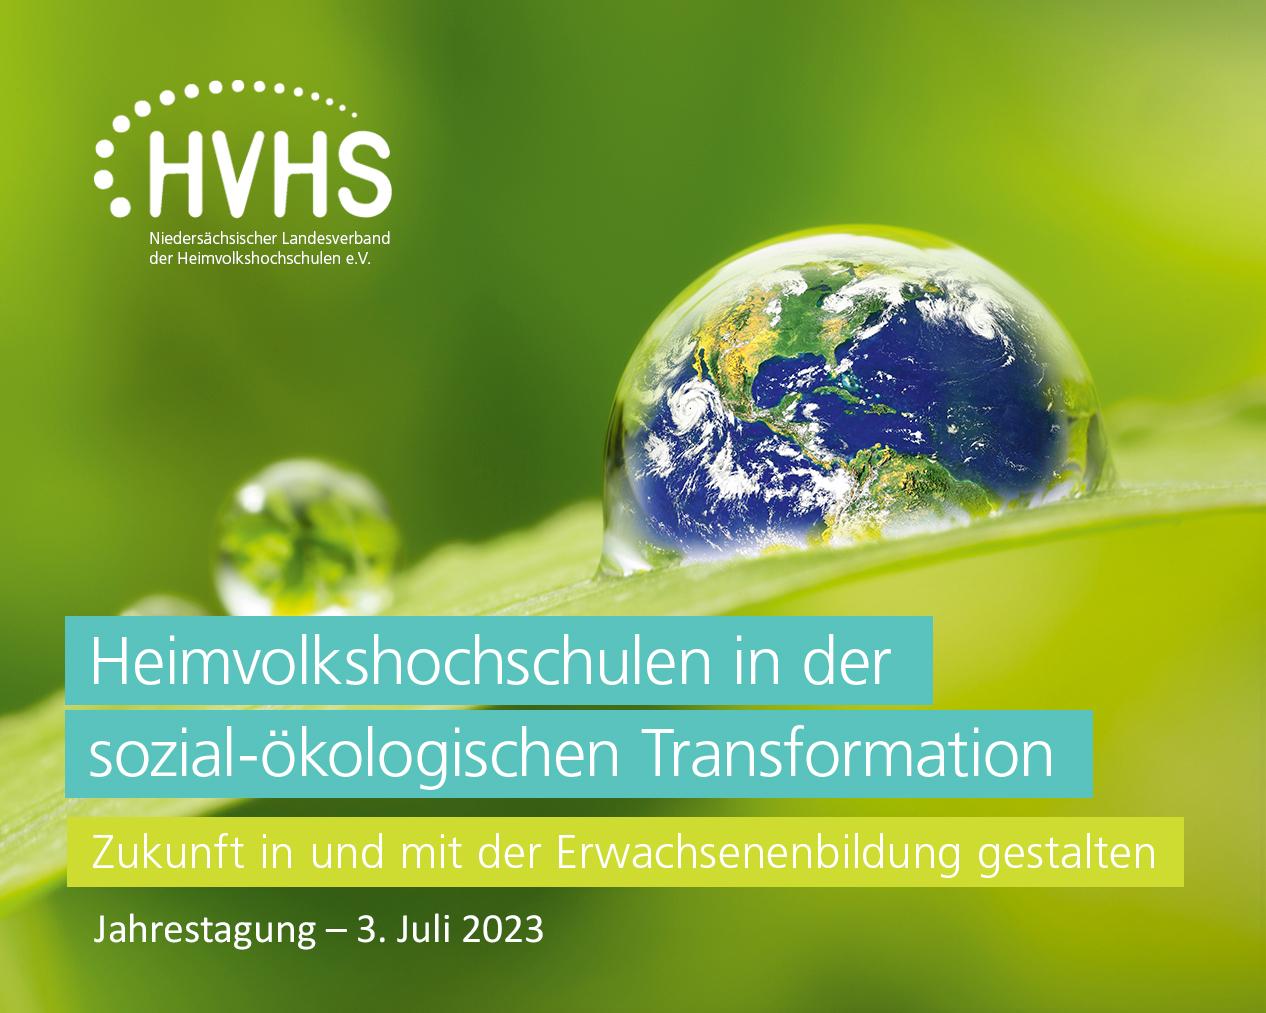 HVHS Bildungsurlaub 2019 Niedersachsen